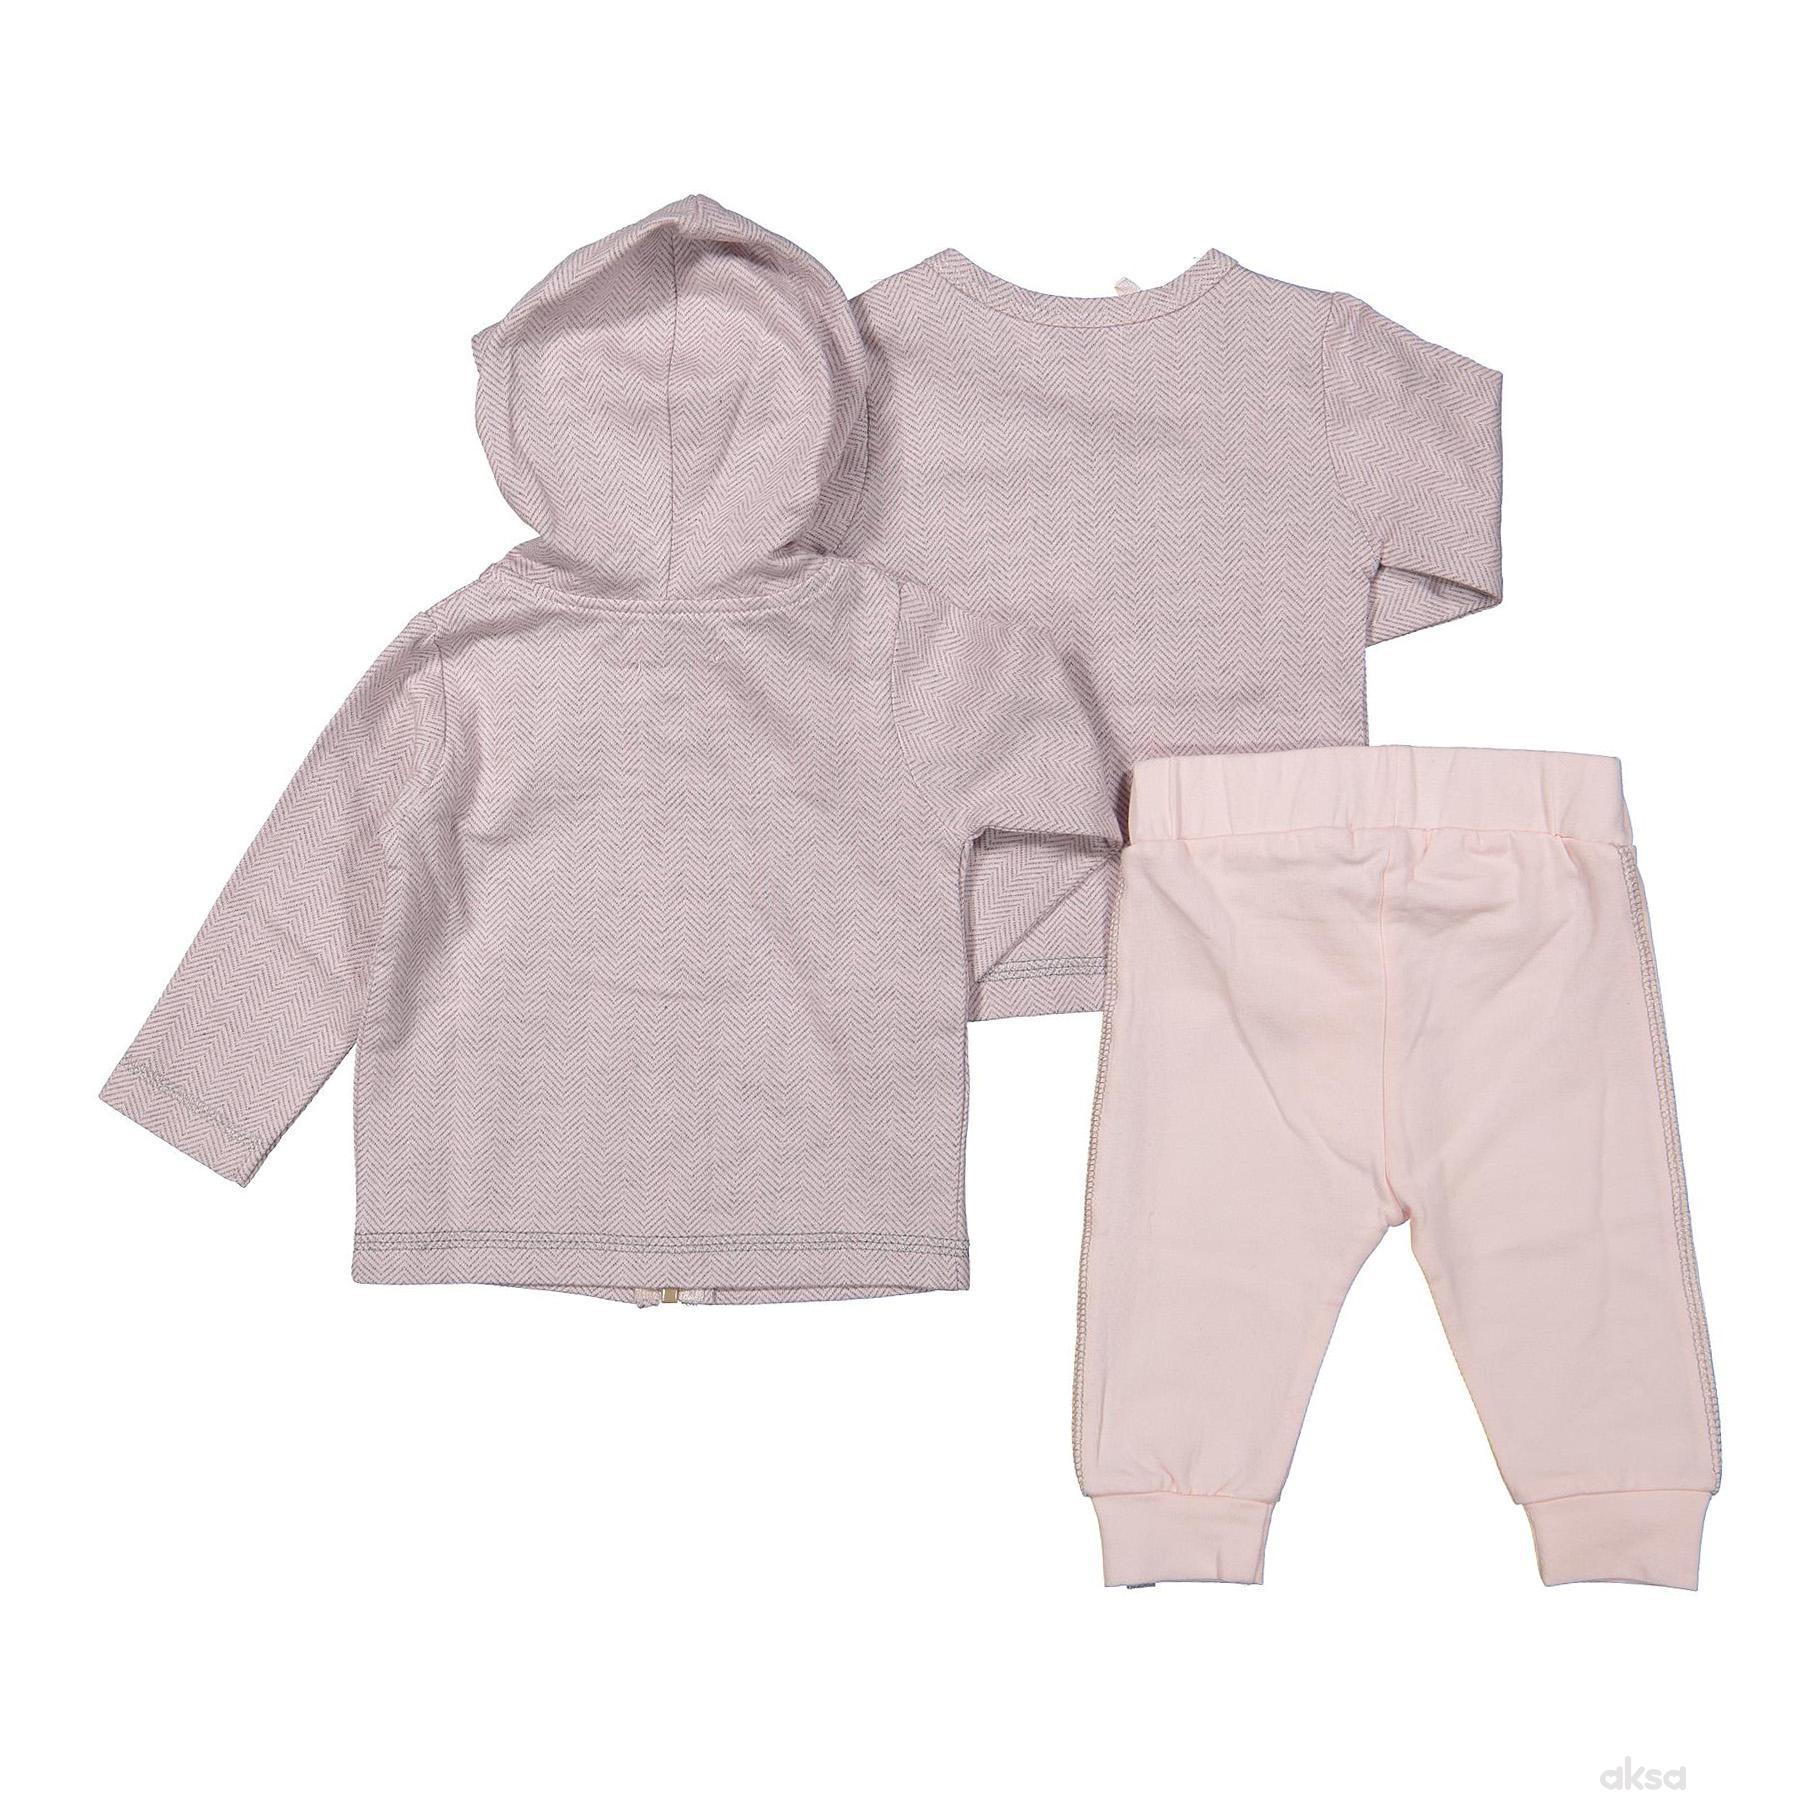 Dirkje komplet(duks,majica d.r,d.deo),devojčice